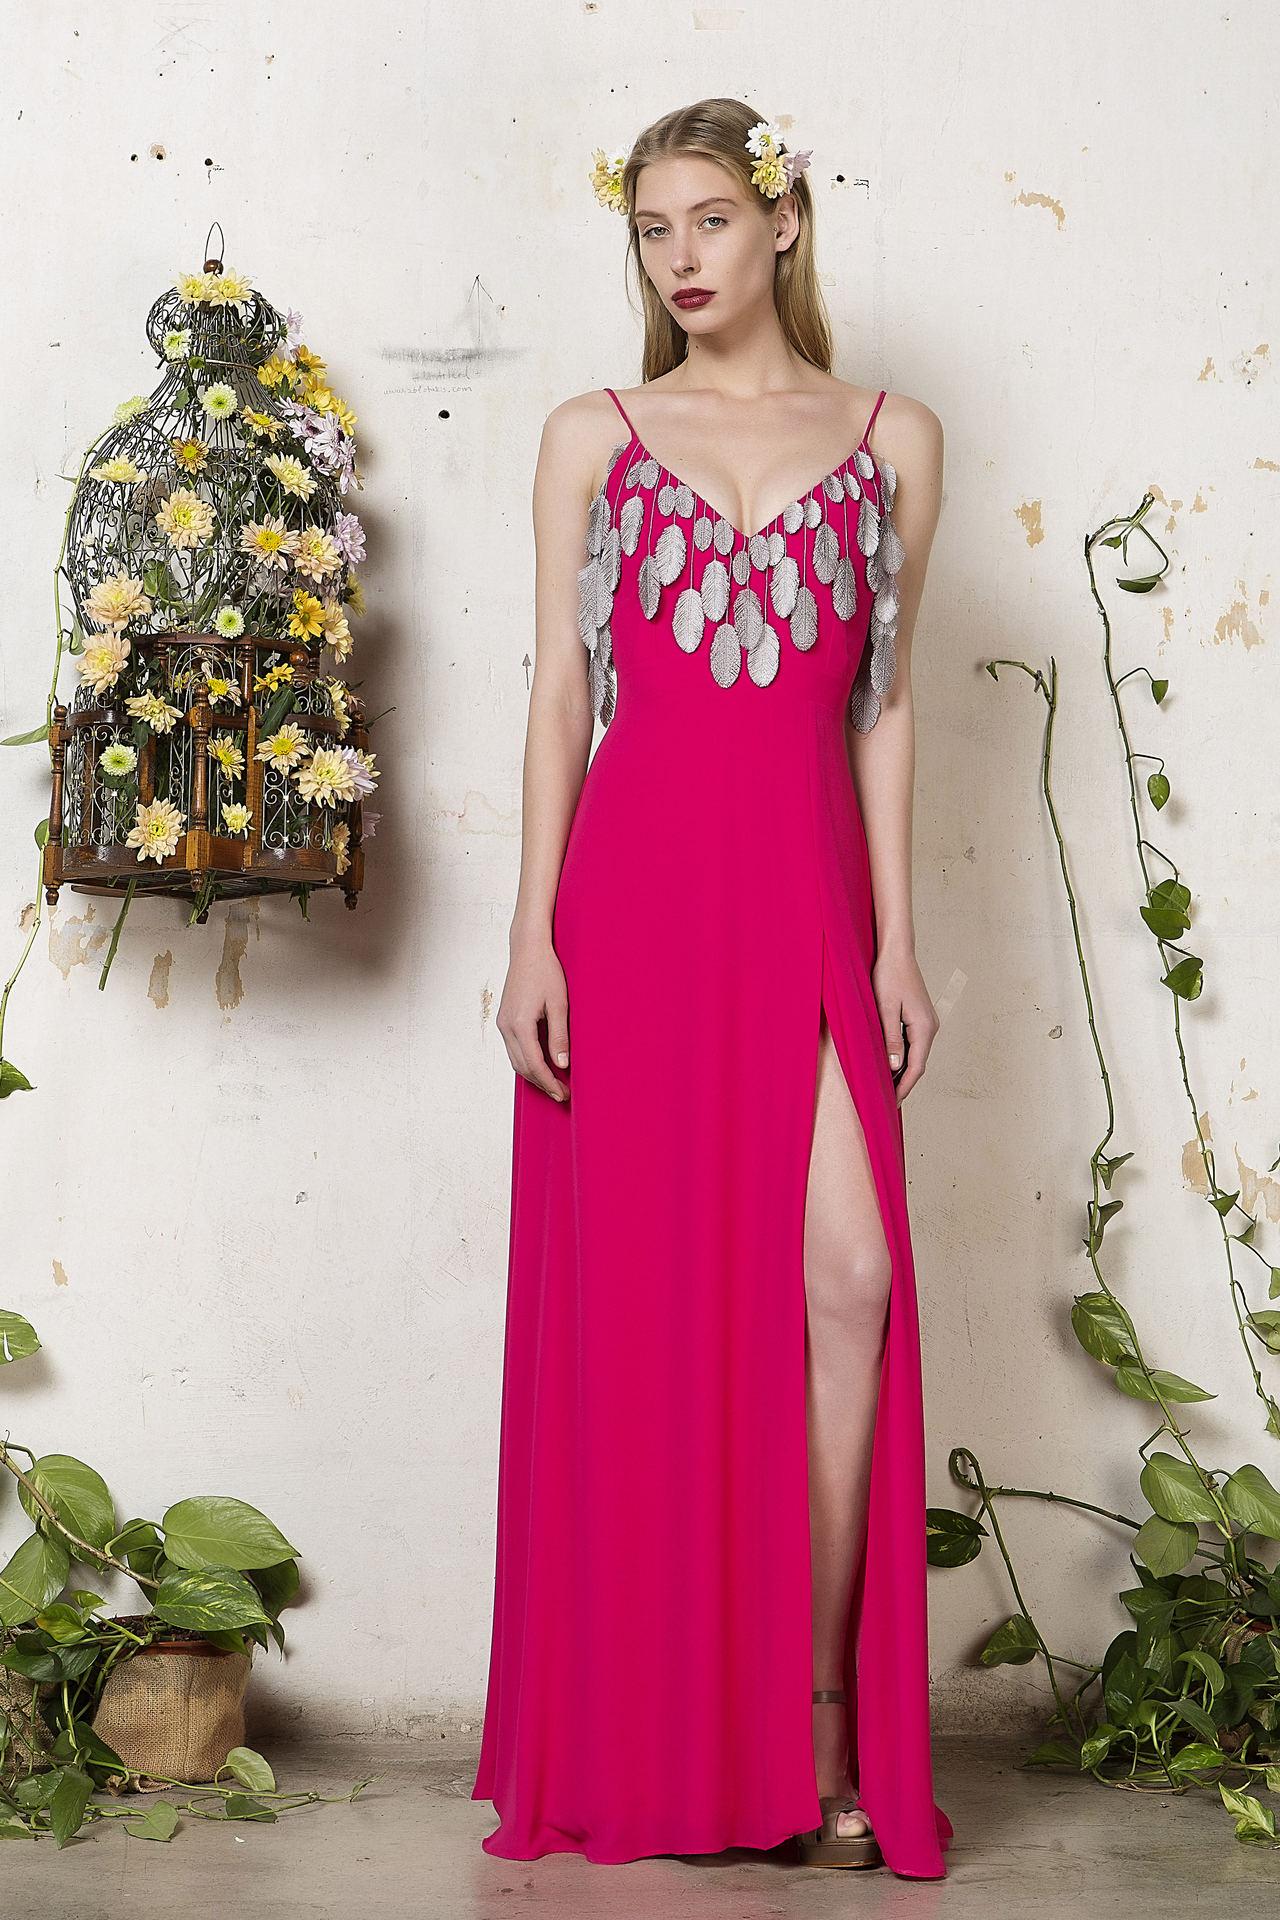 Love + Alicia  Υπέροχα ρούχα για καλεσμένες και κουμπάρες.  d886130d734